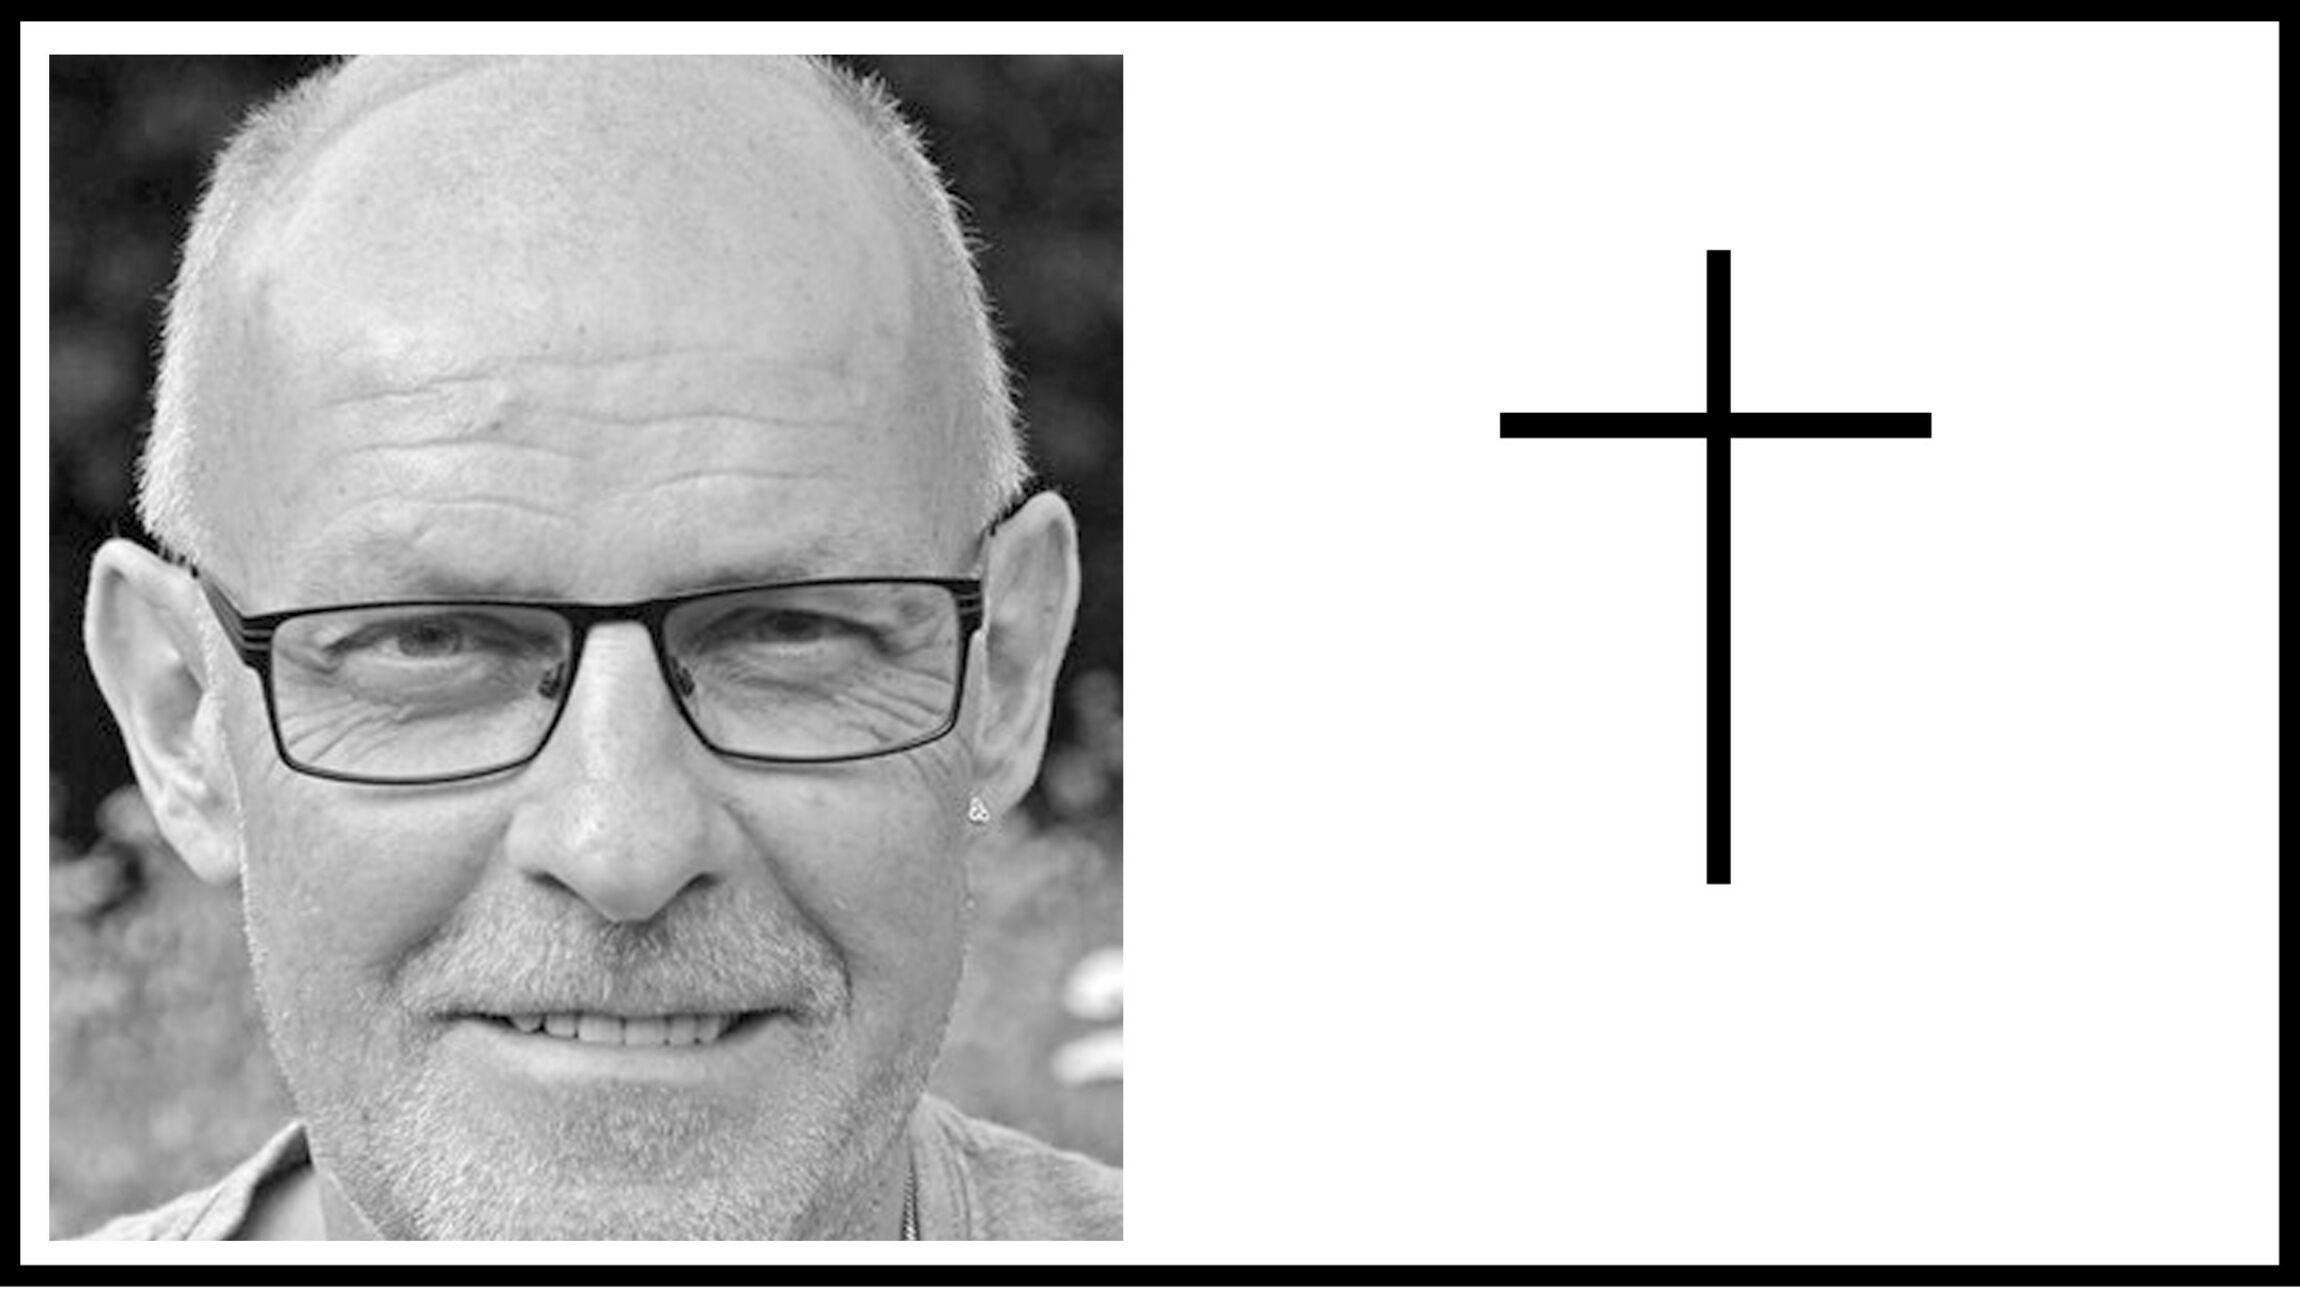 Pastor Eckhard Hallemann (1959 - 2021).